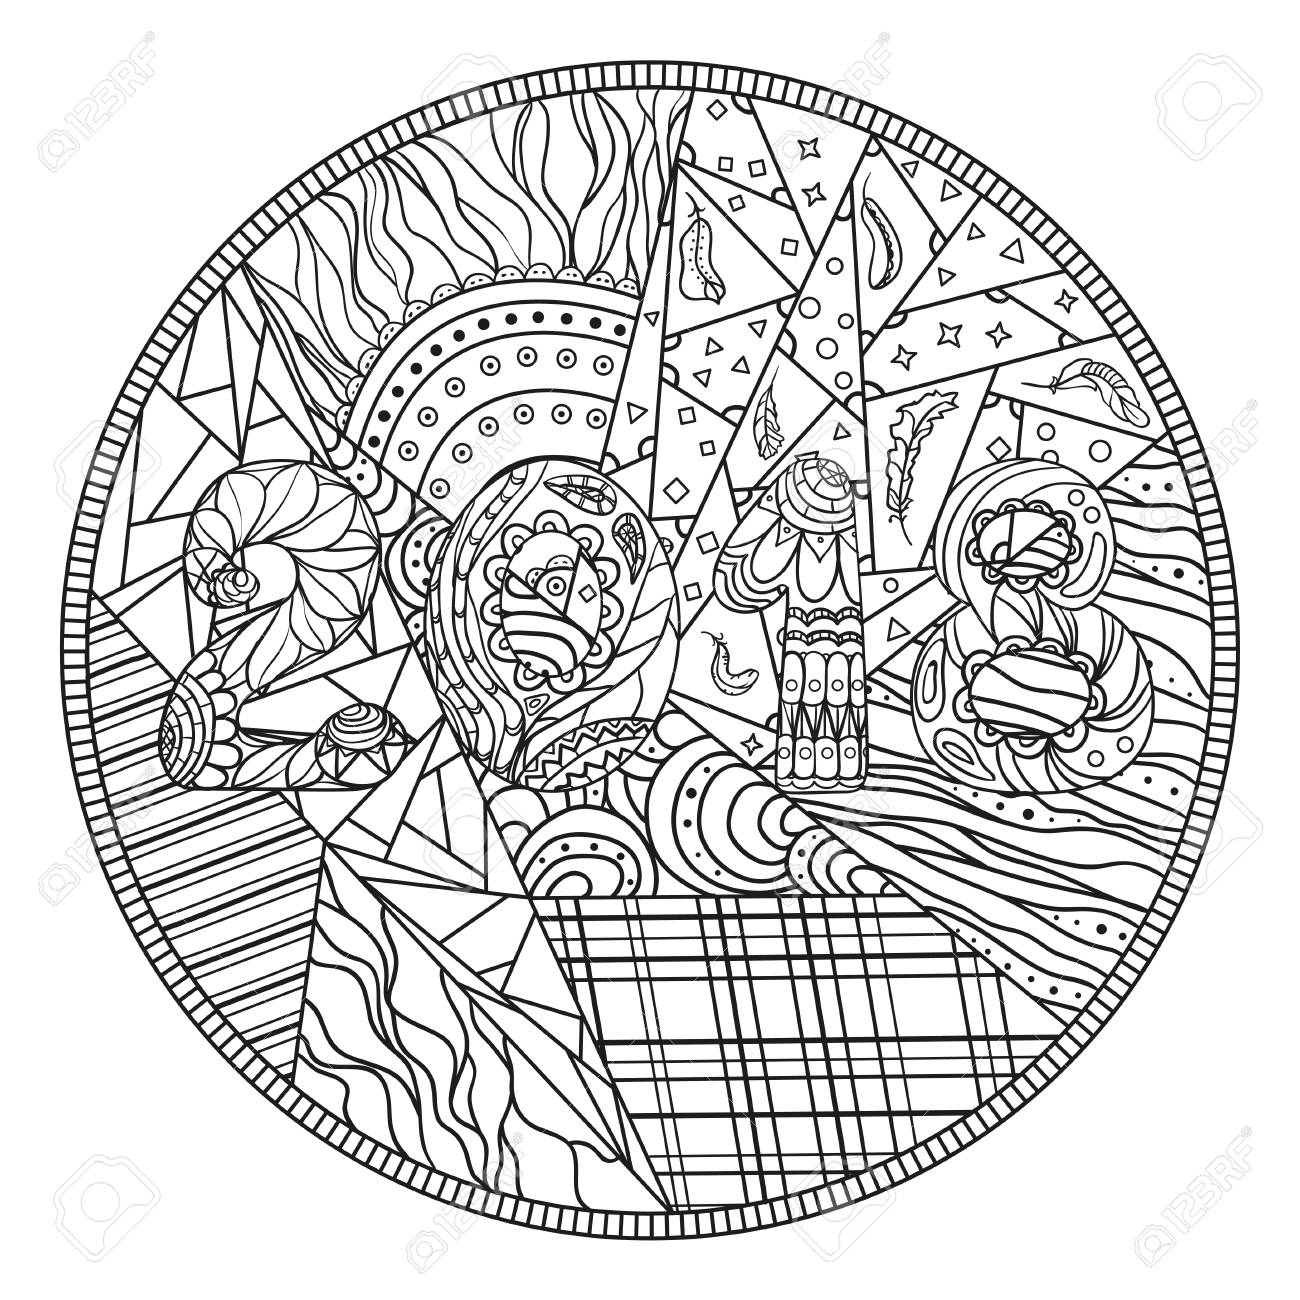 2018 happy new year abstract circle pattern hand drawn circle